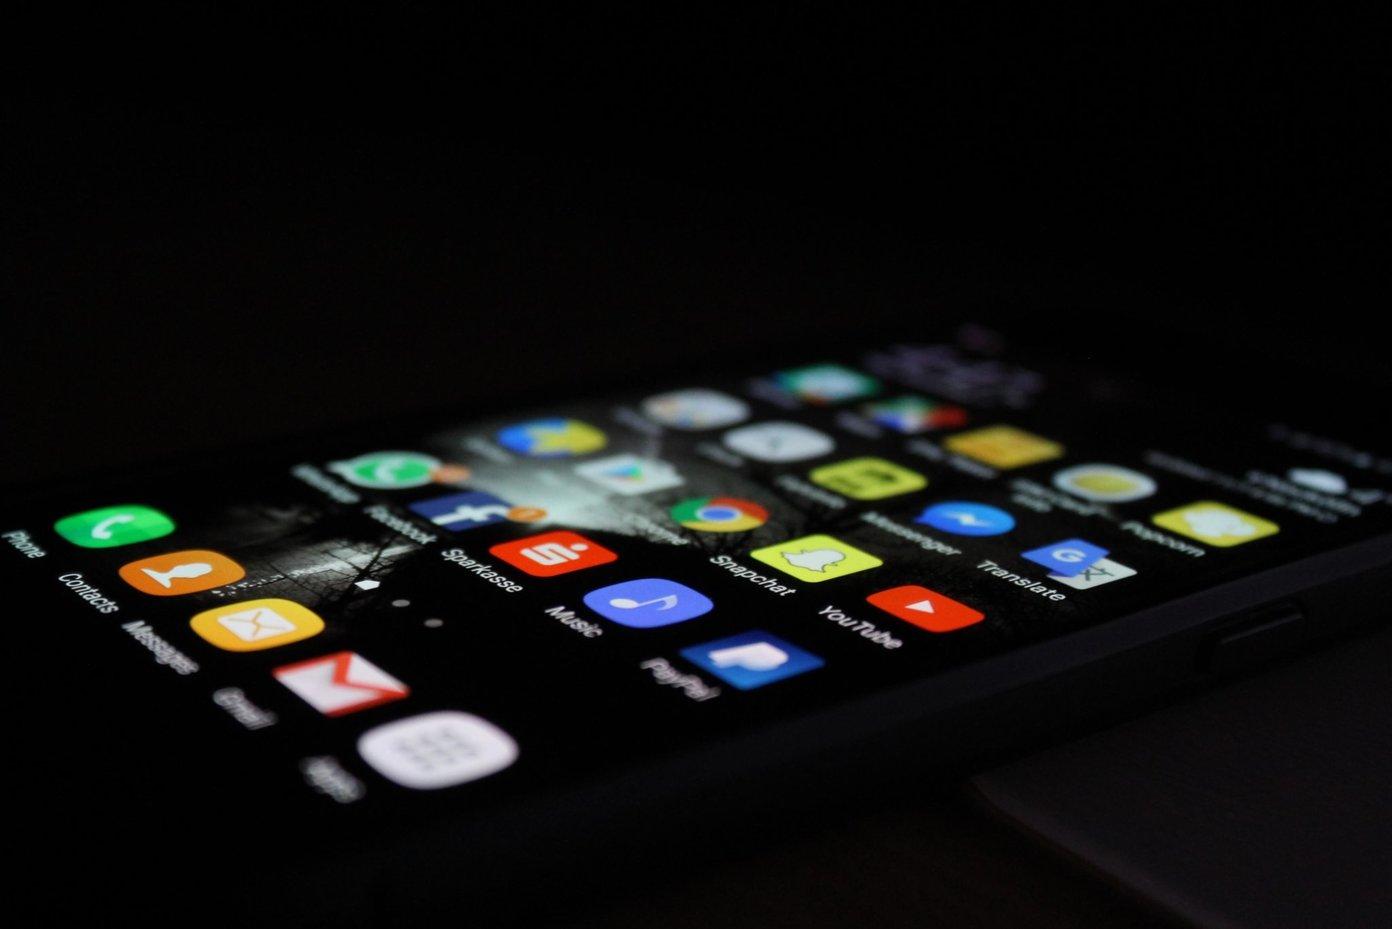 Vô hiệu hóa trong trình duyệt ứng dụng Ứng dụng Android Hình ảnh nổi bật